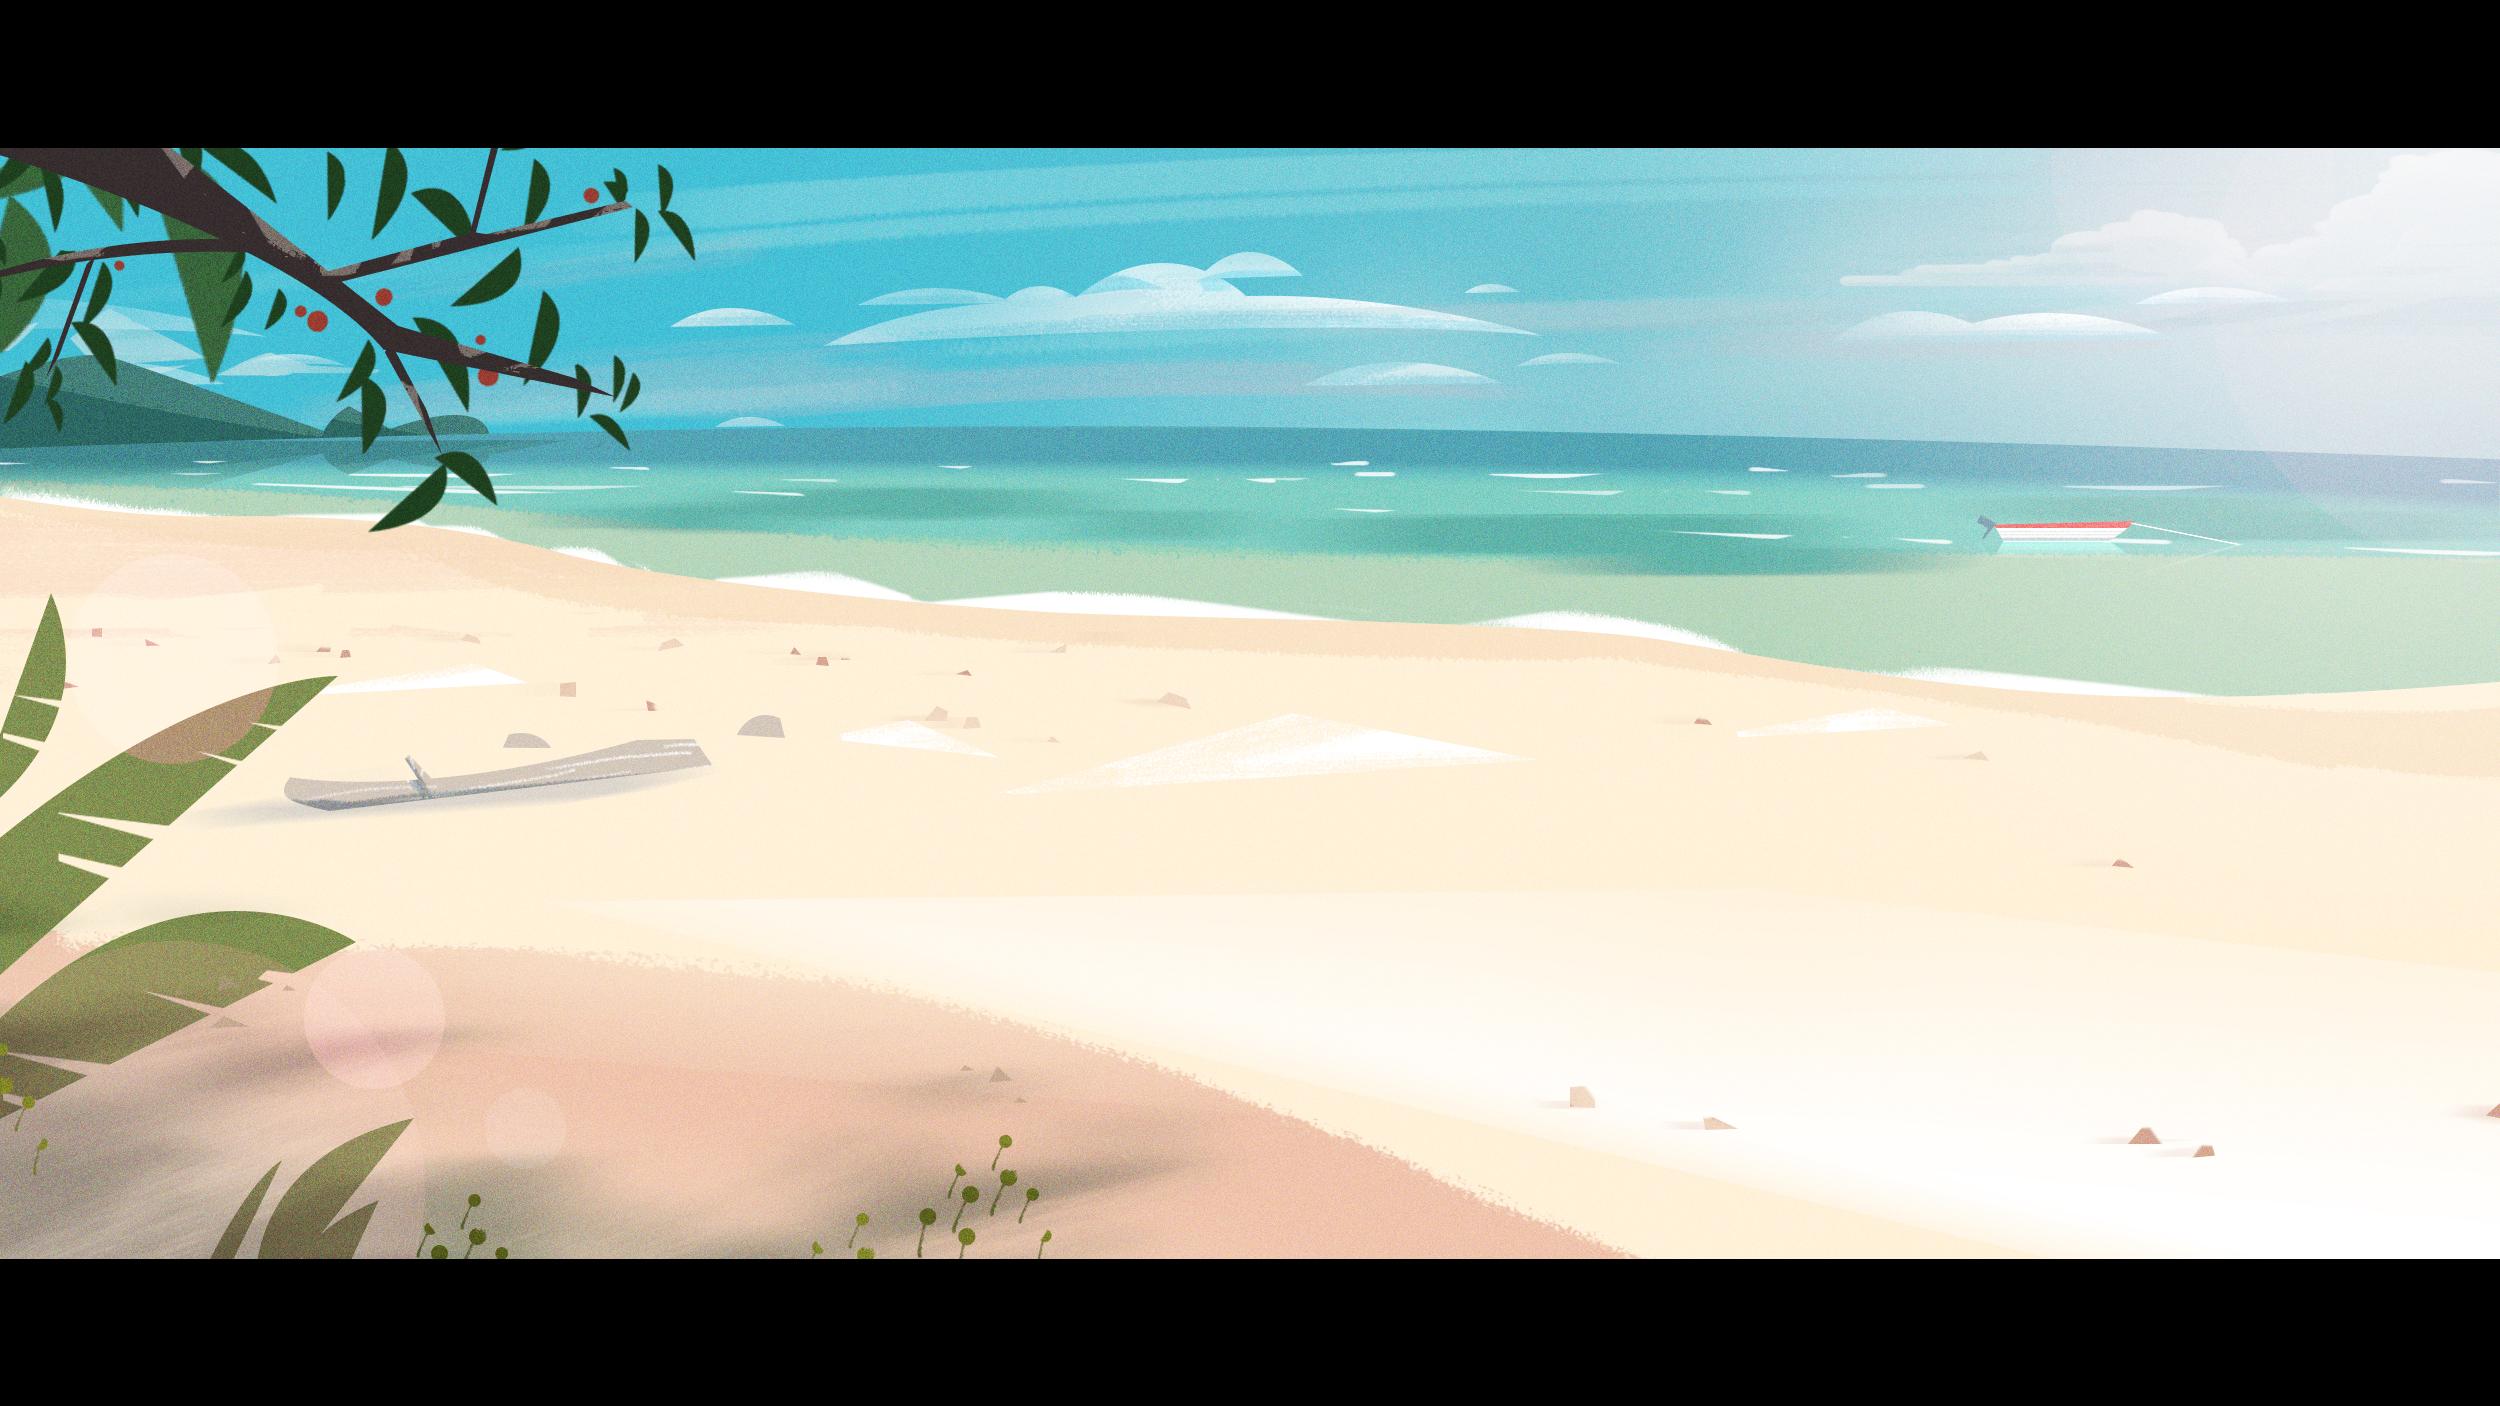 Beach01.jpg